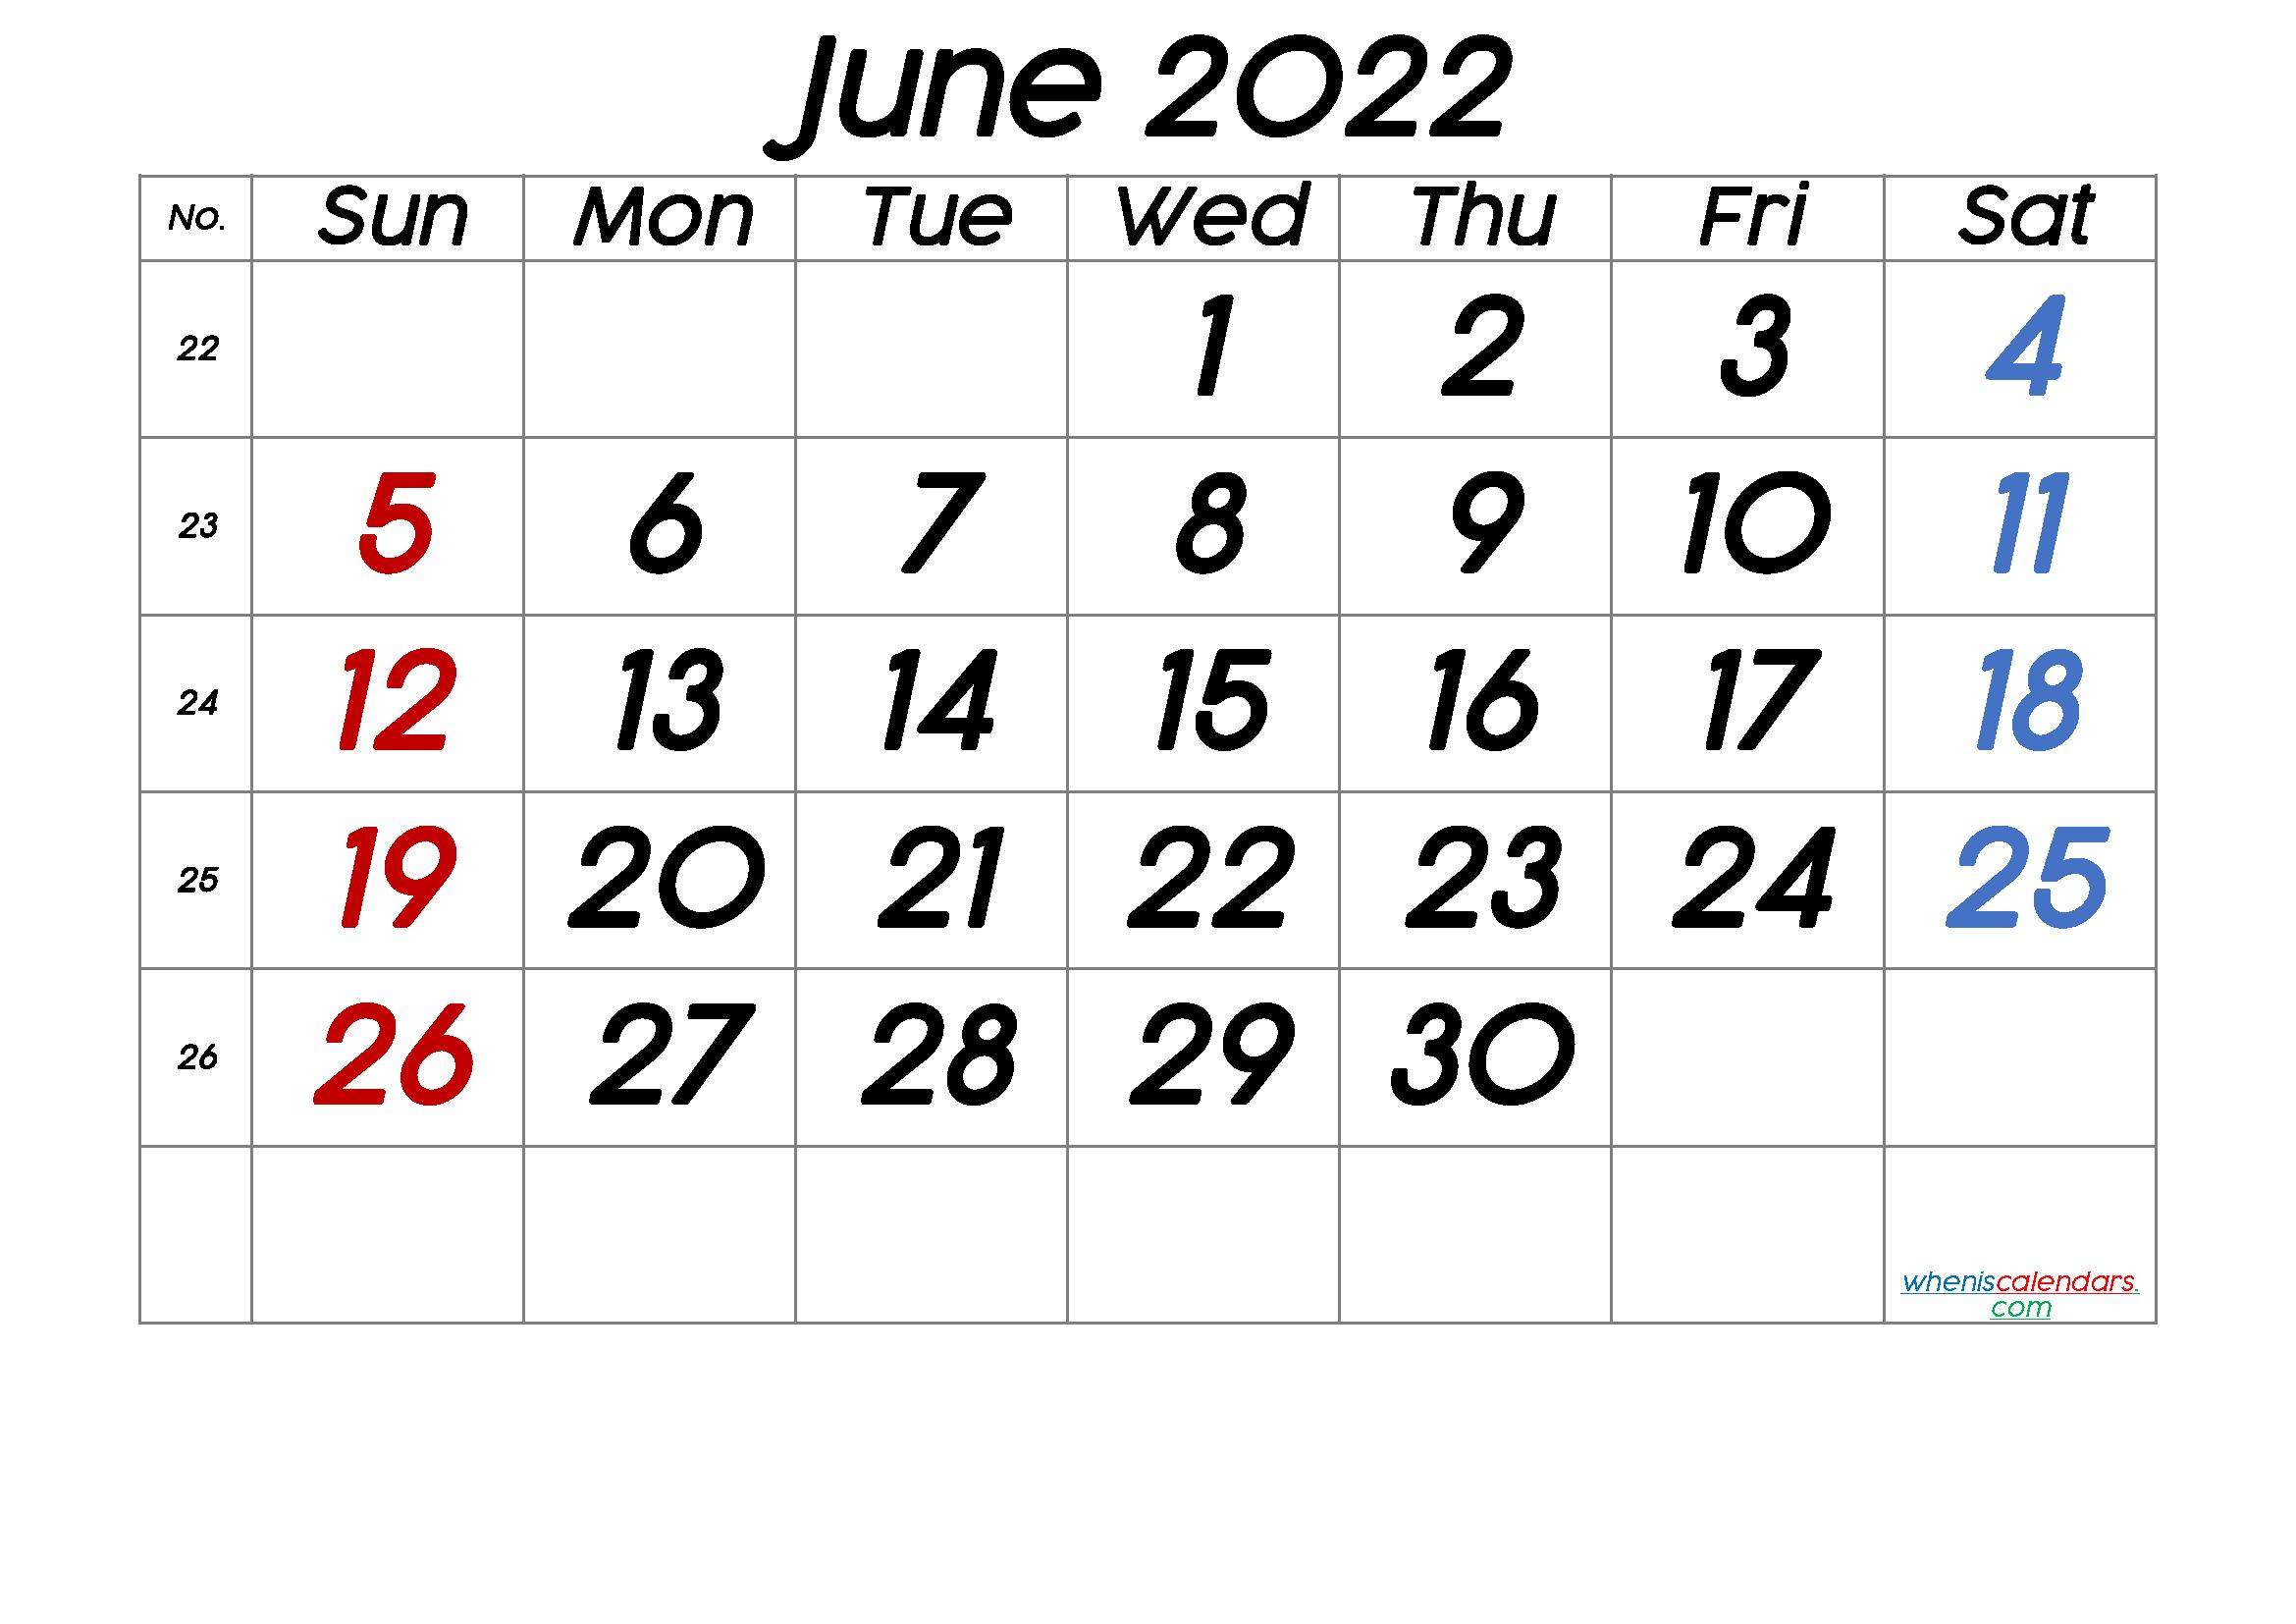 Printable Calendar For June 2022.Printable Calendar June 2022 6 Templates Calendar Printables Calendar Template Calendar With Week Numbers